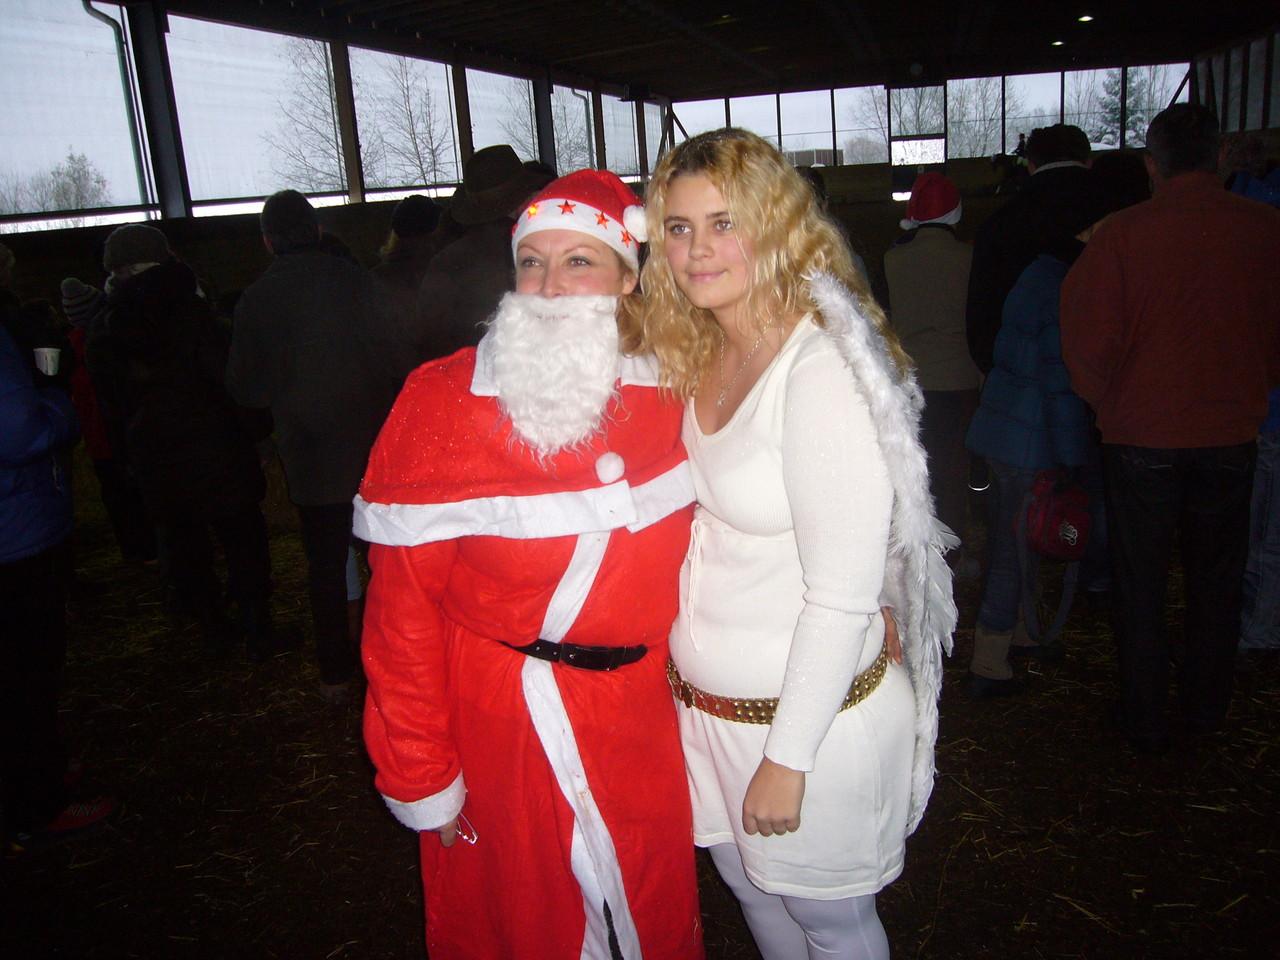 Der Weihnachtsmann mit seinem Helferengel (Fabie)